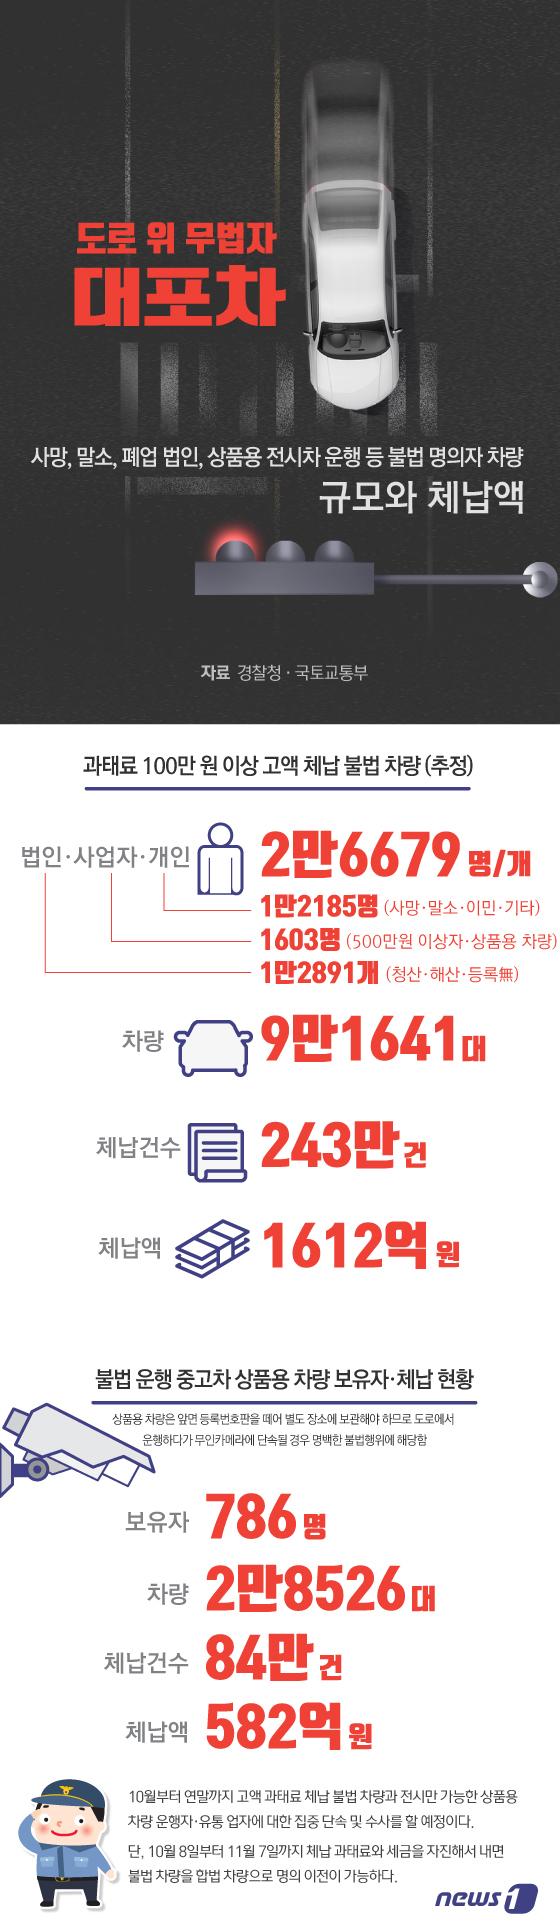 [그래픽뉴스] 대포차(불법 명의 고액체납 차량) 규모